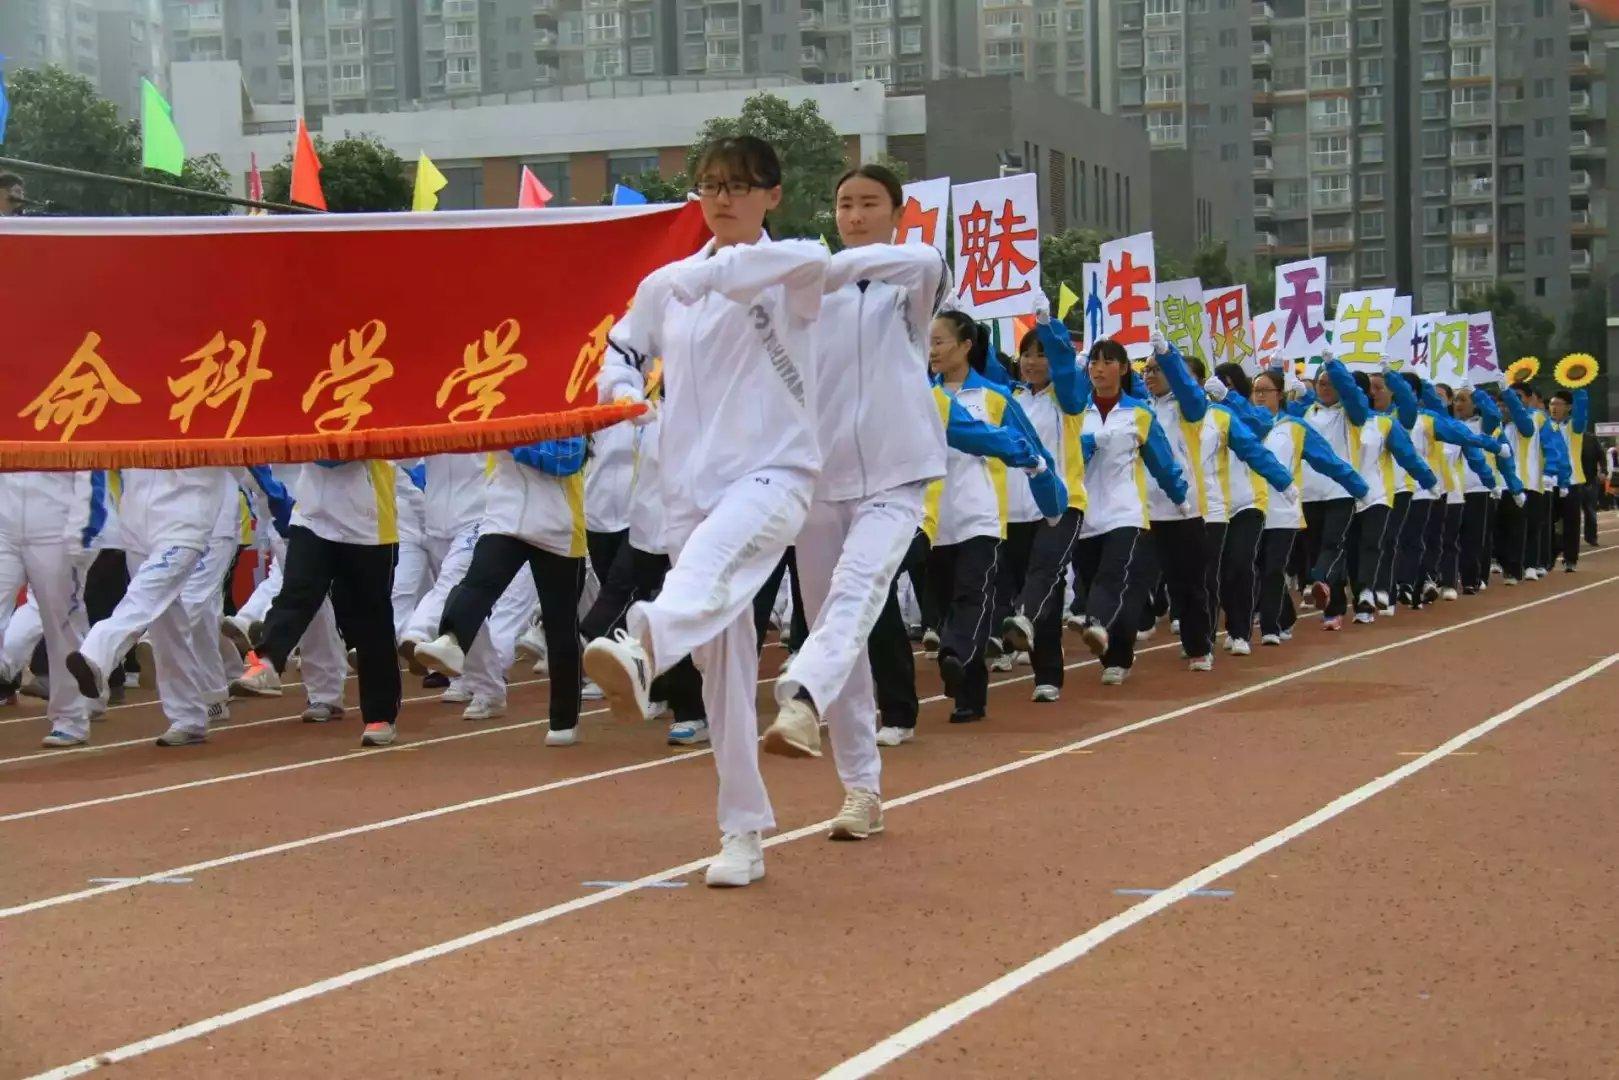 云南师范大学2016年冬季运动会剪影-萌哒校园